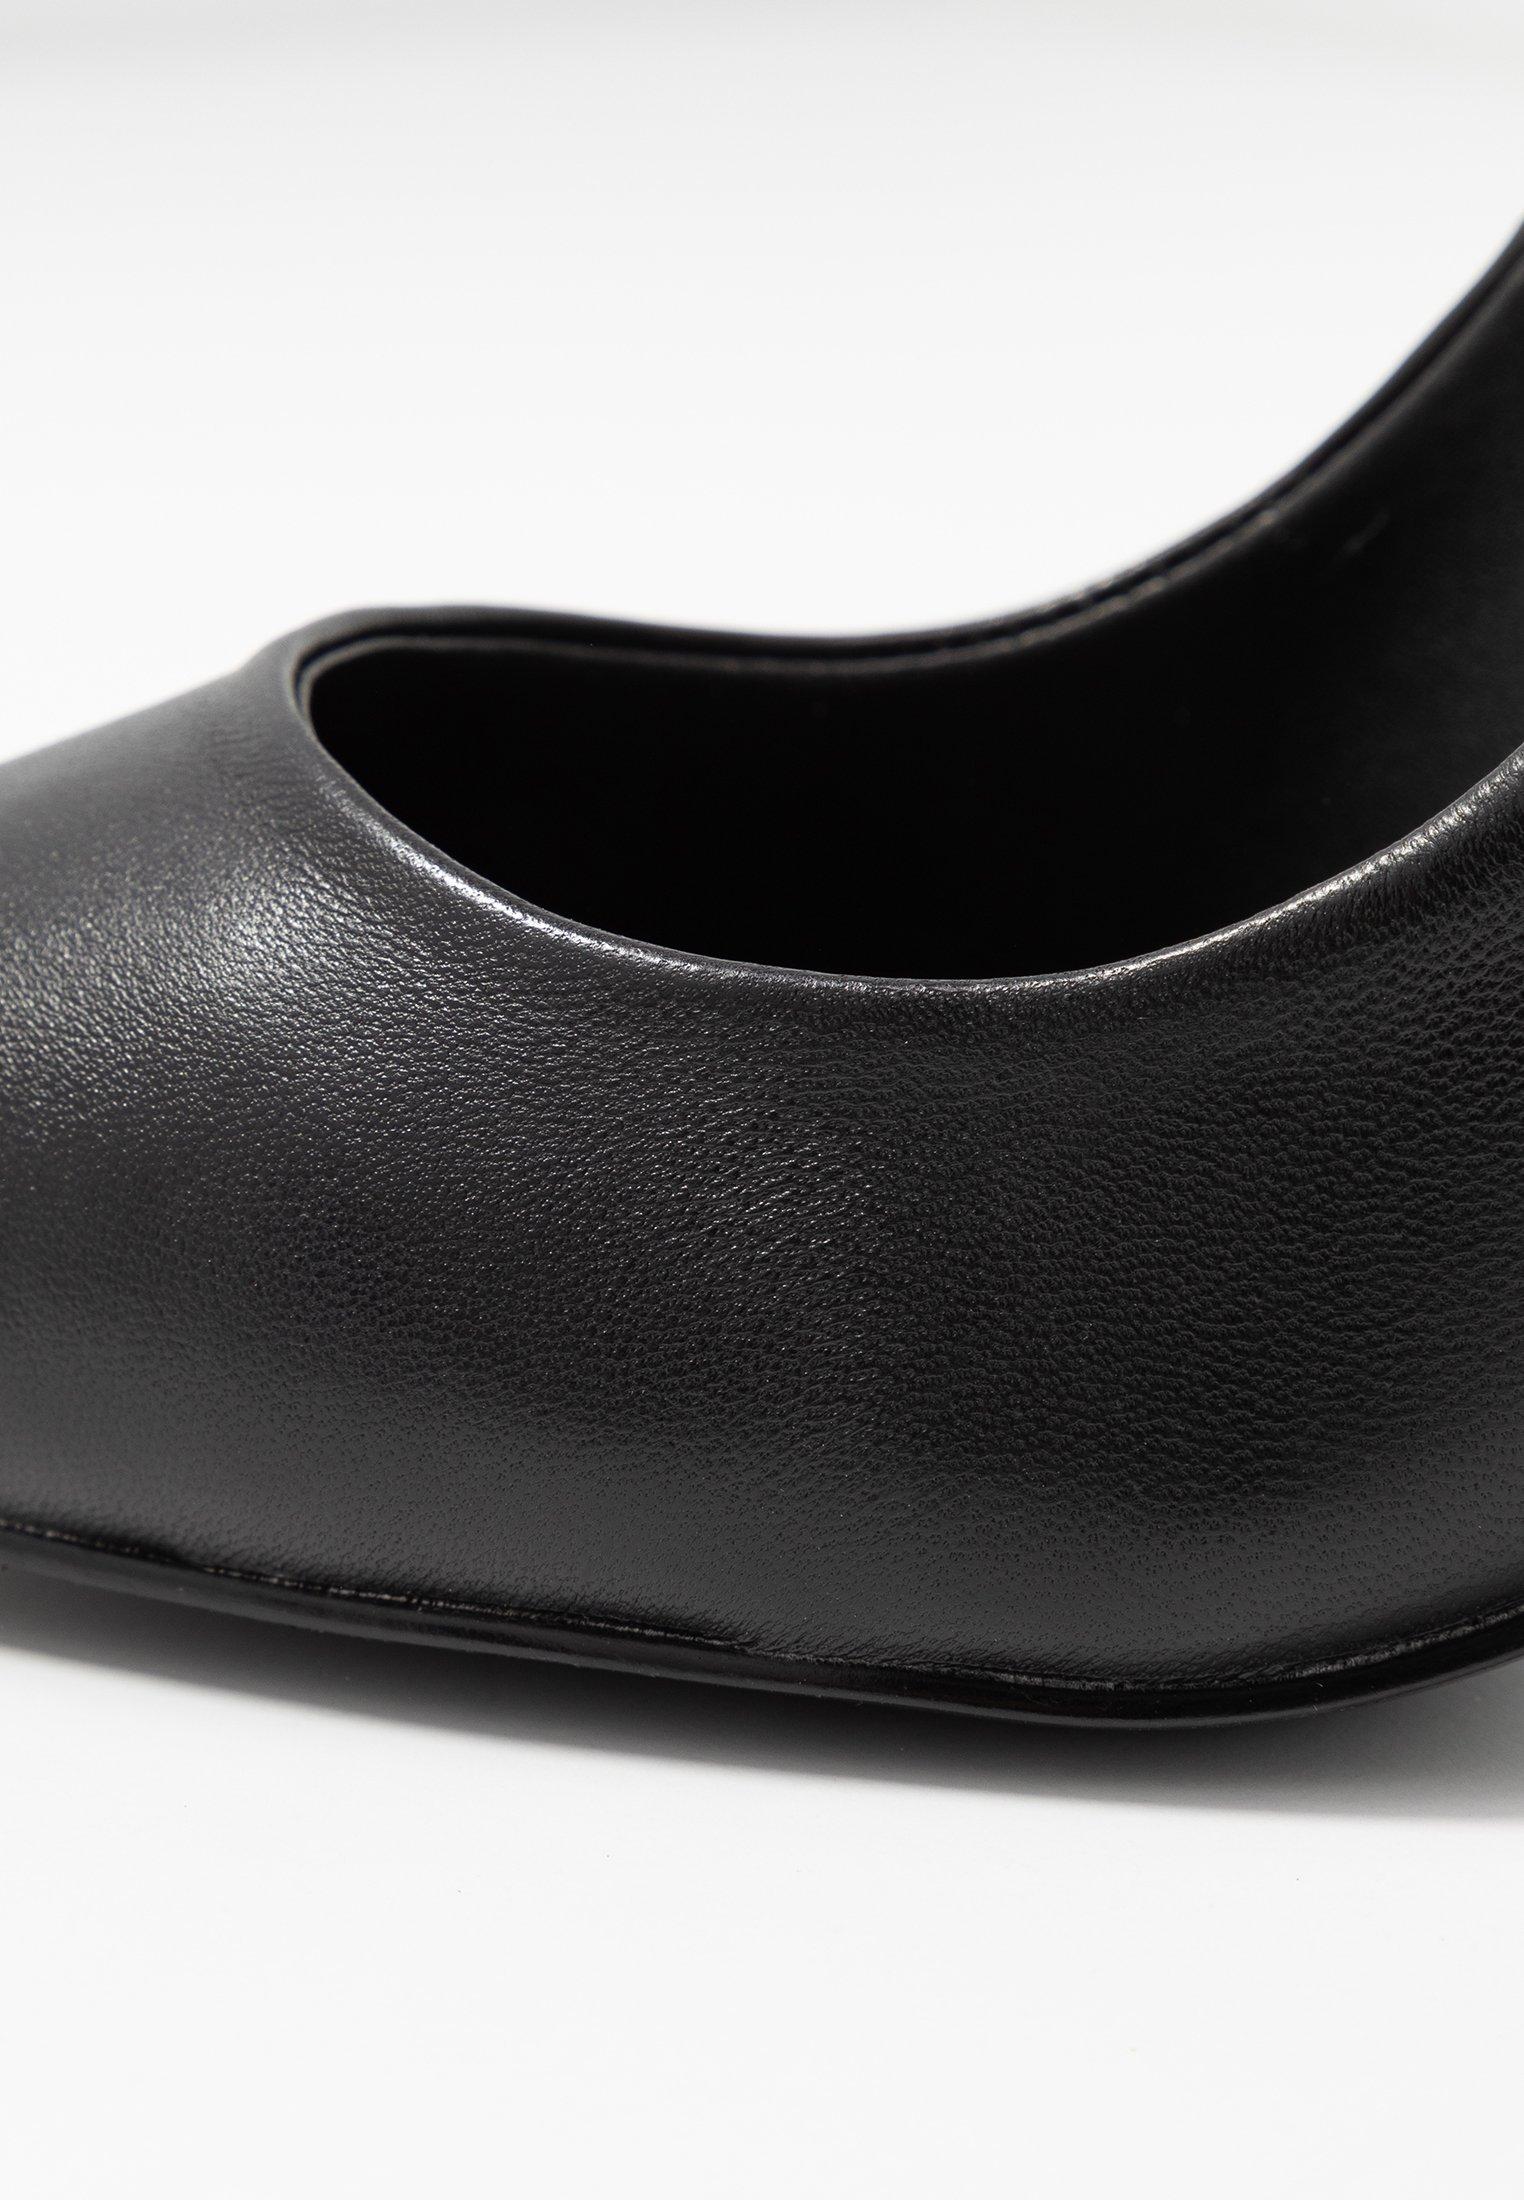 Steve Madden DAISIE High Heel Pumps black/schwarz